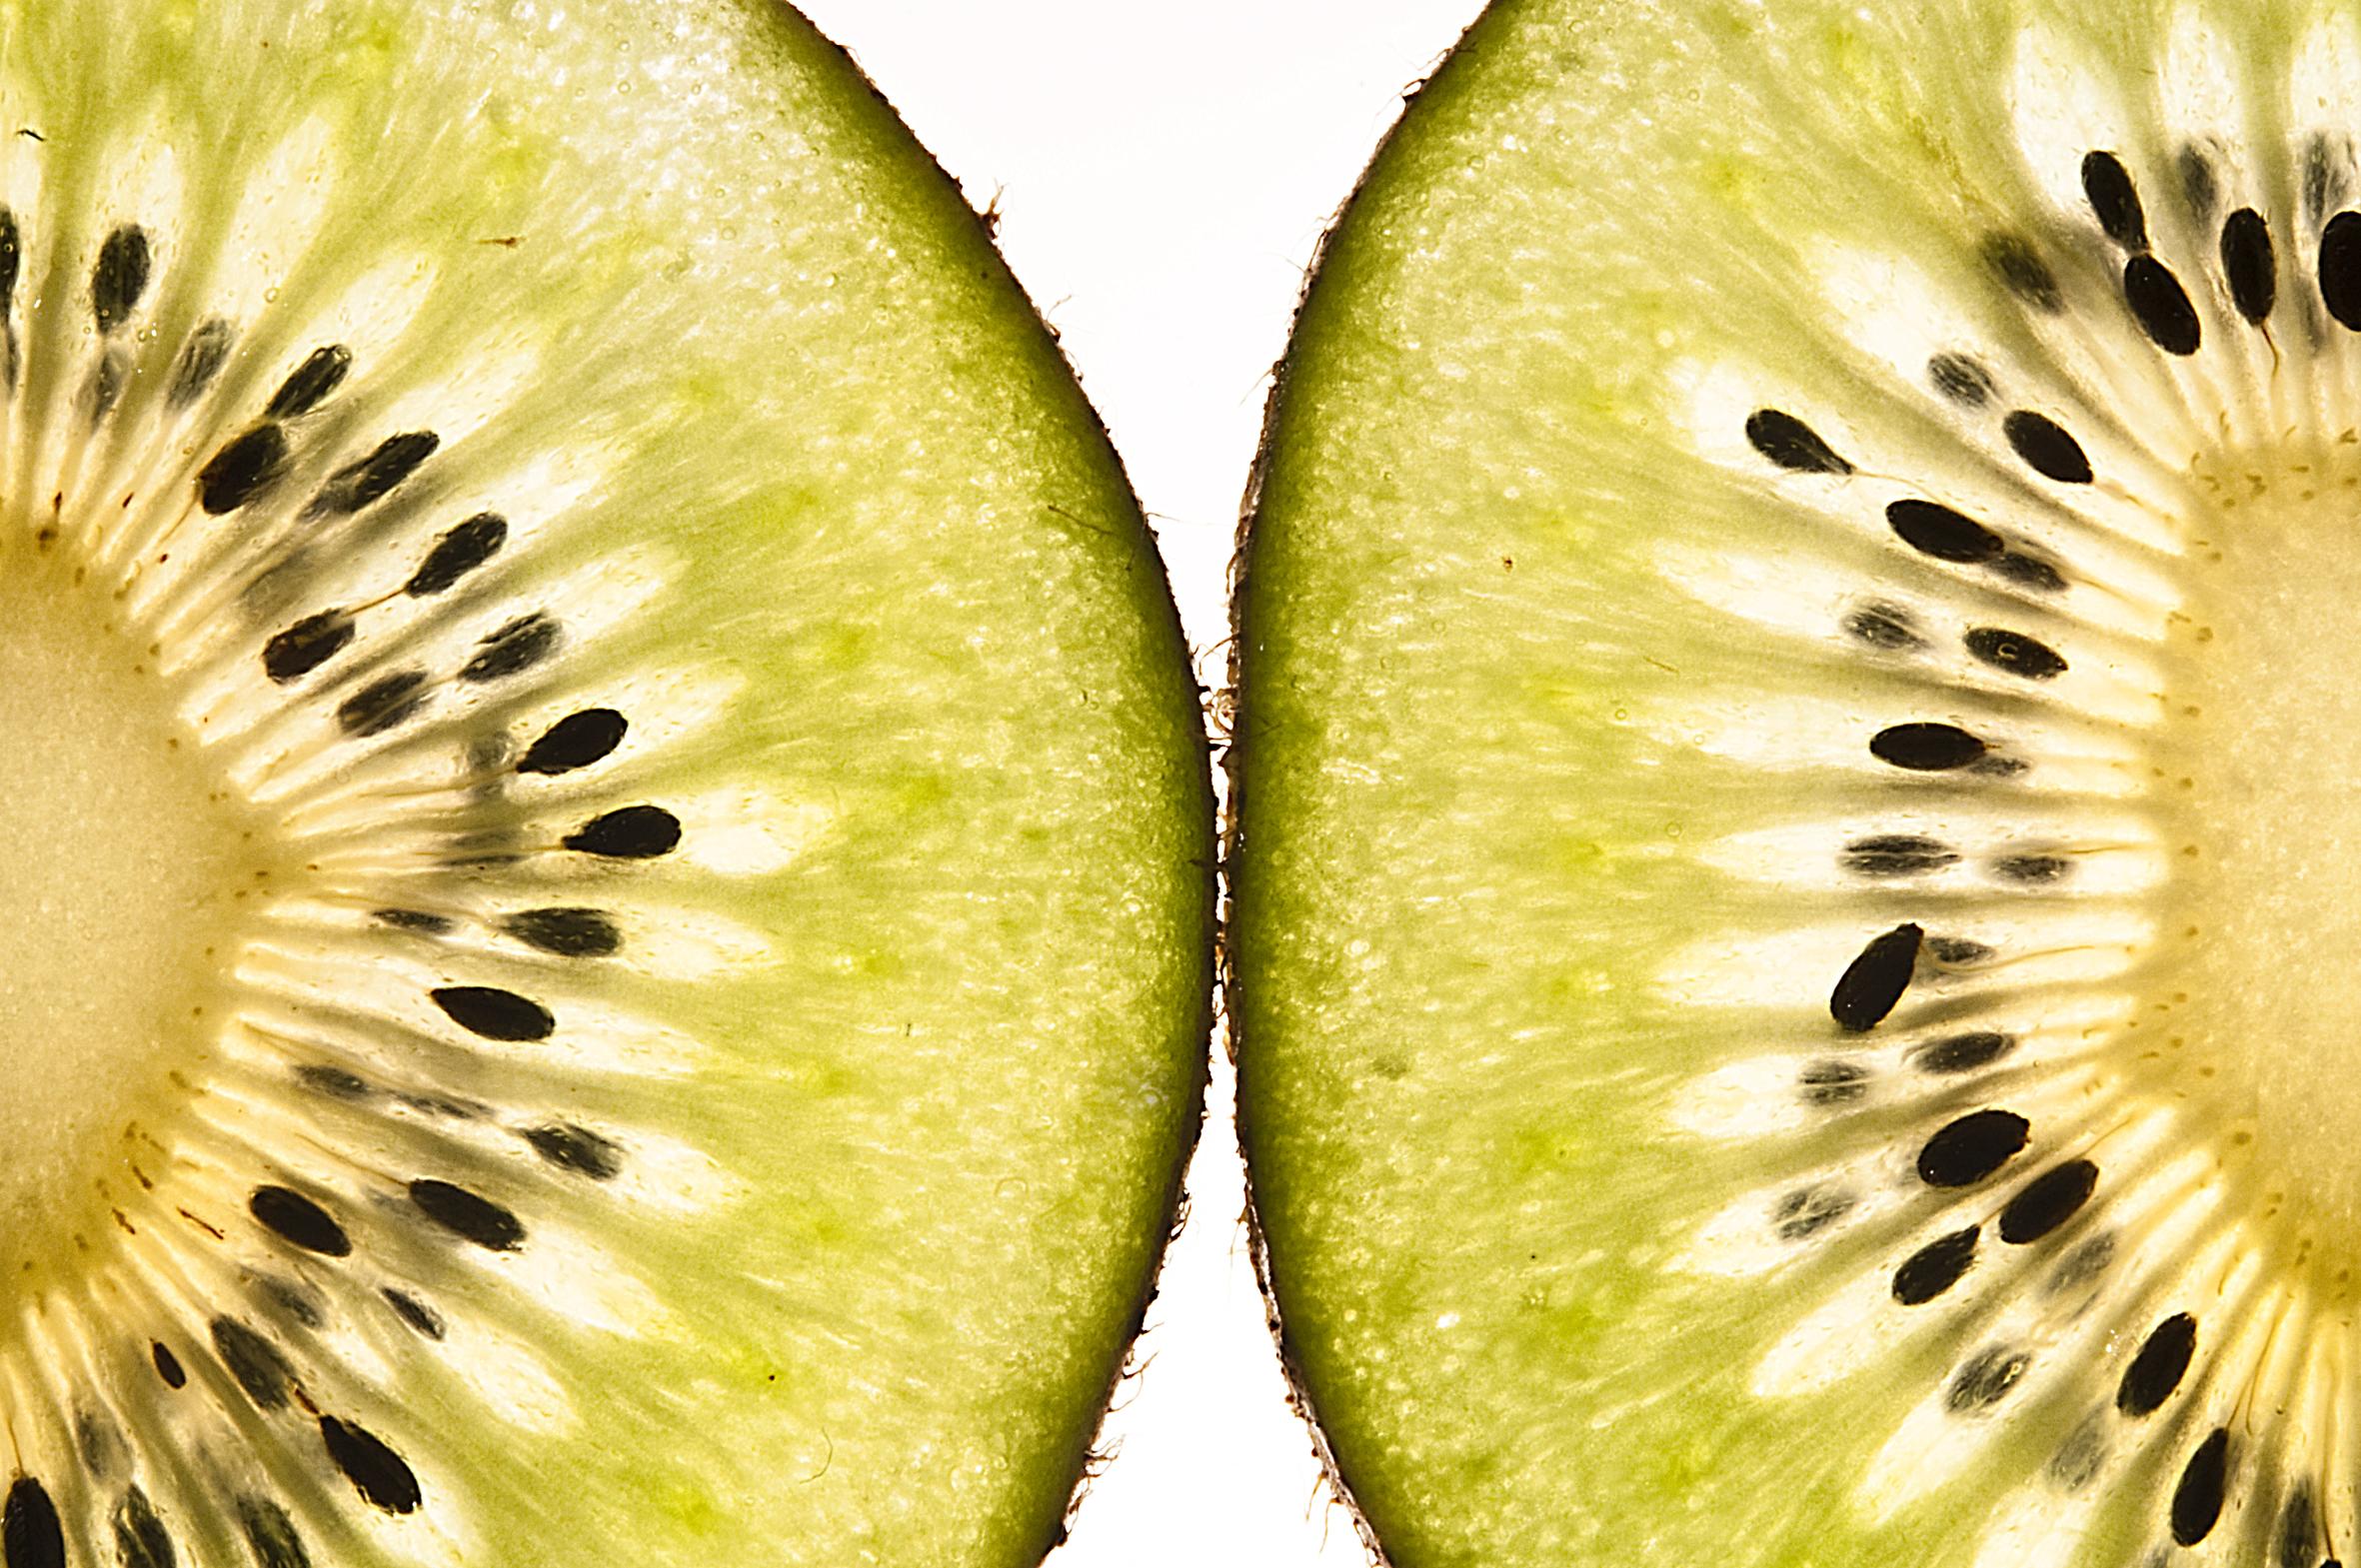 kiwi04